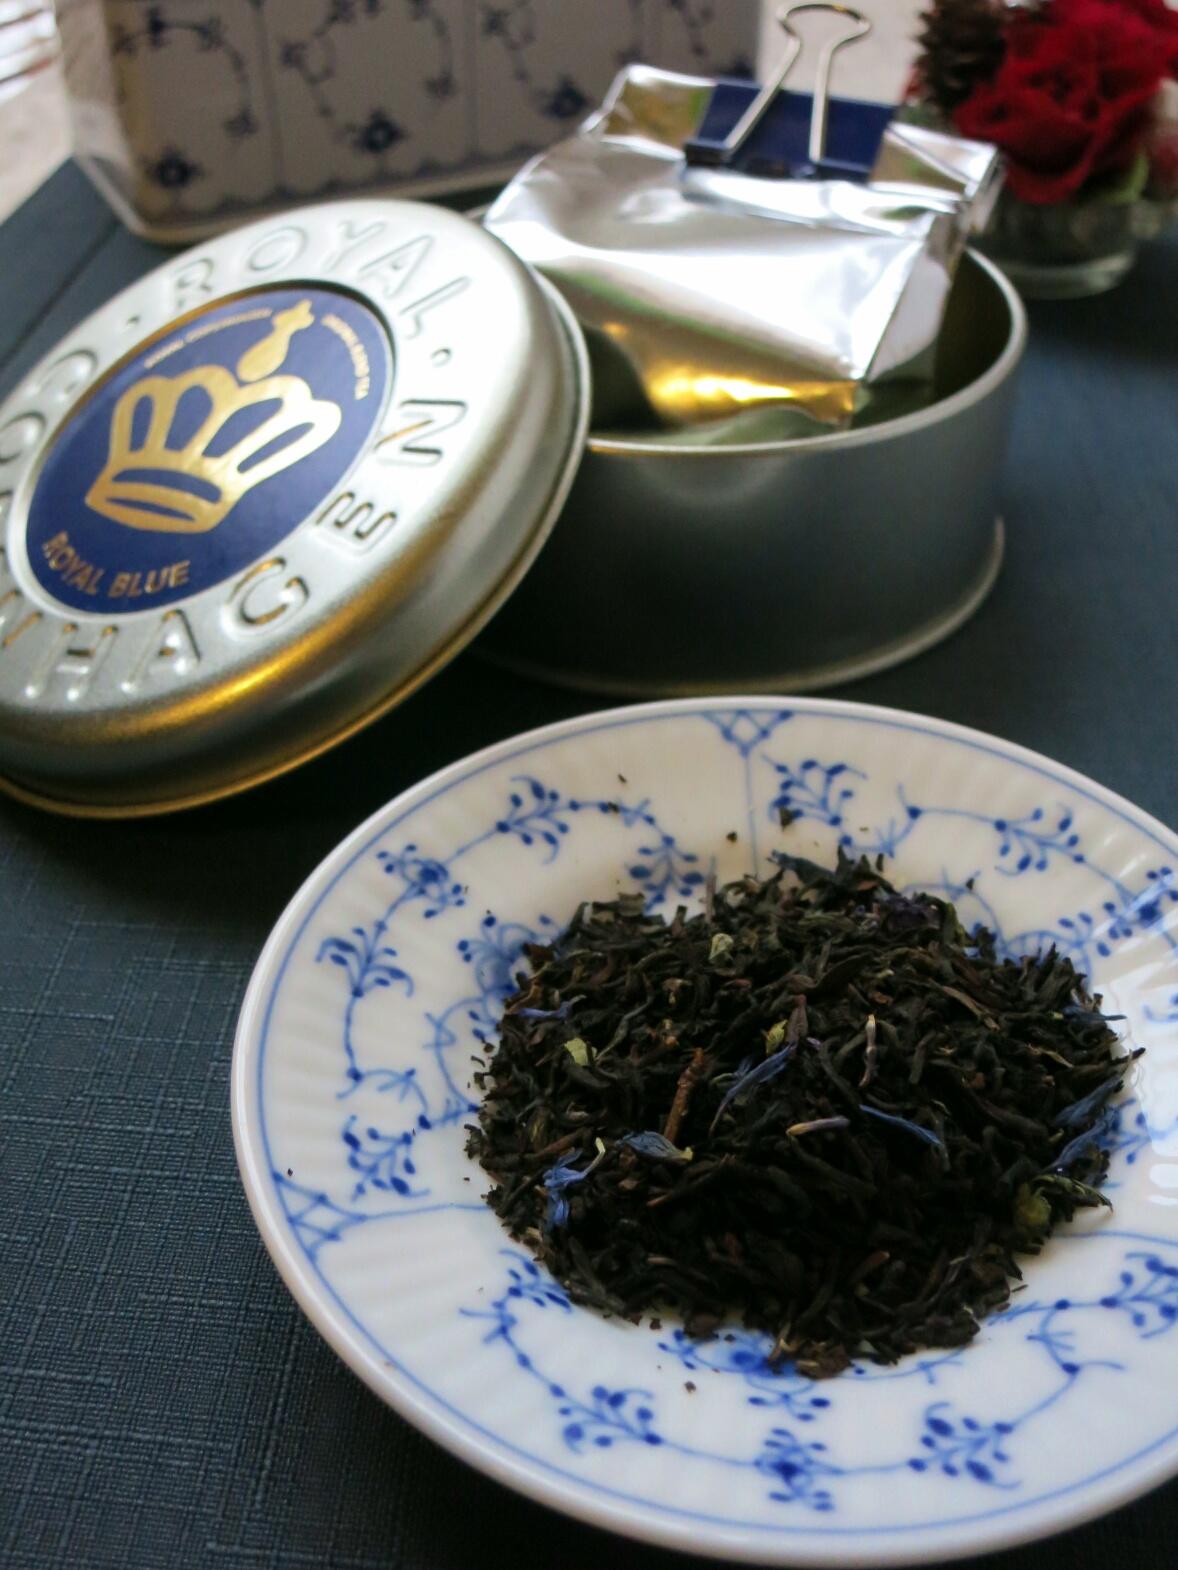 Rコペンハーゲンの紅茶缶~ふりこ茶房のふりこケーキ_f0236260_17345382.jpg